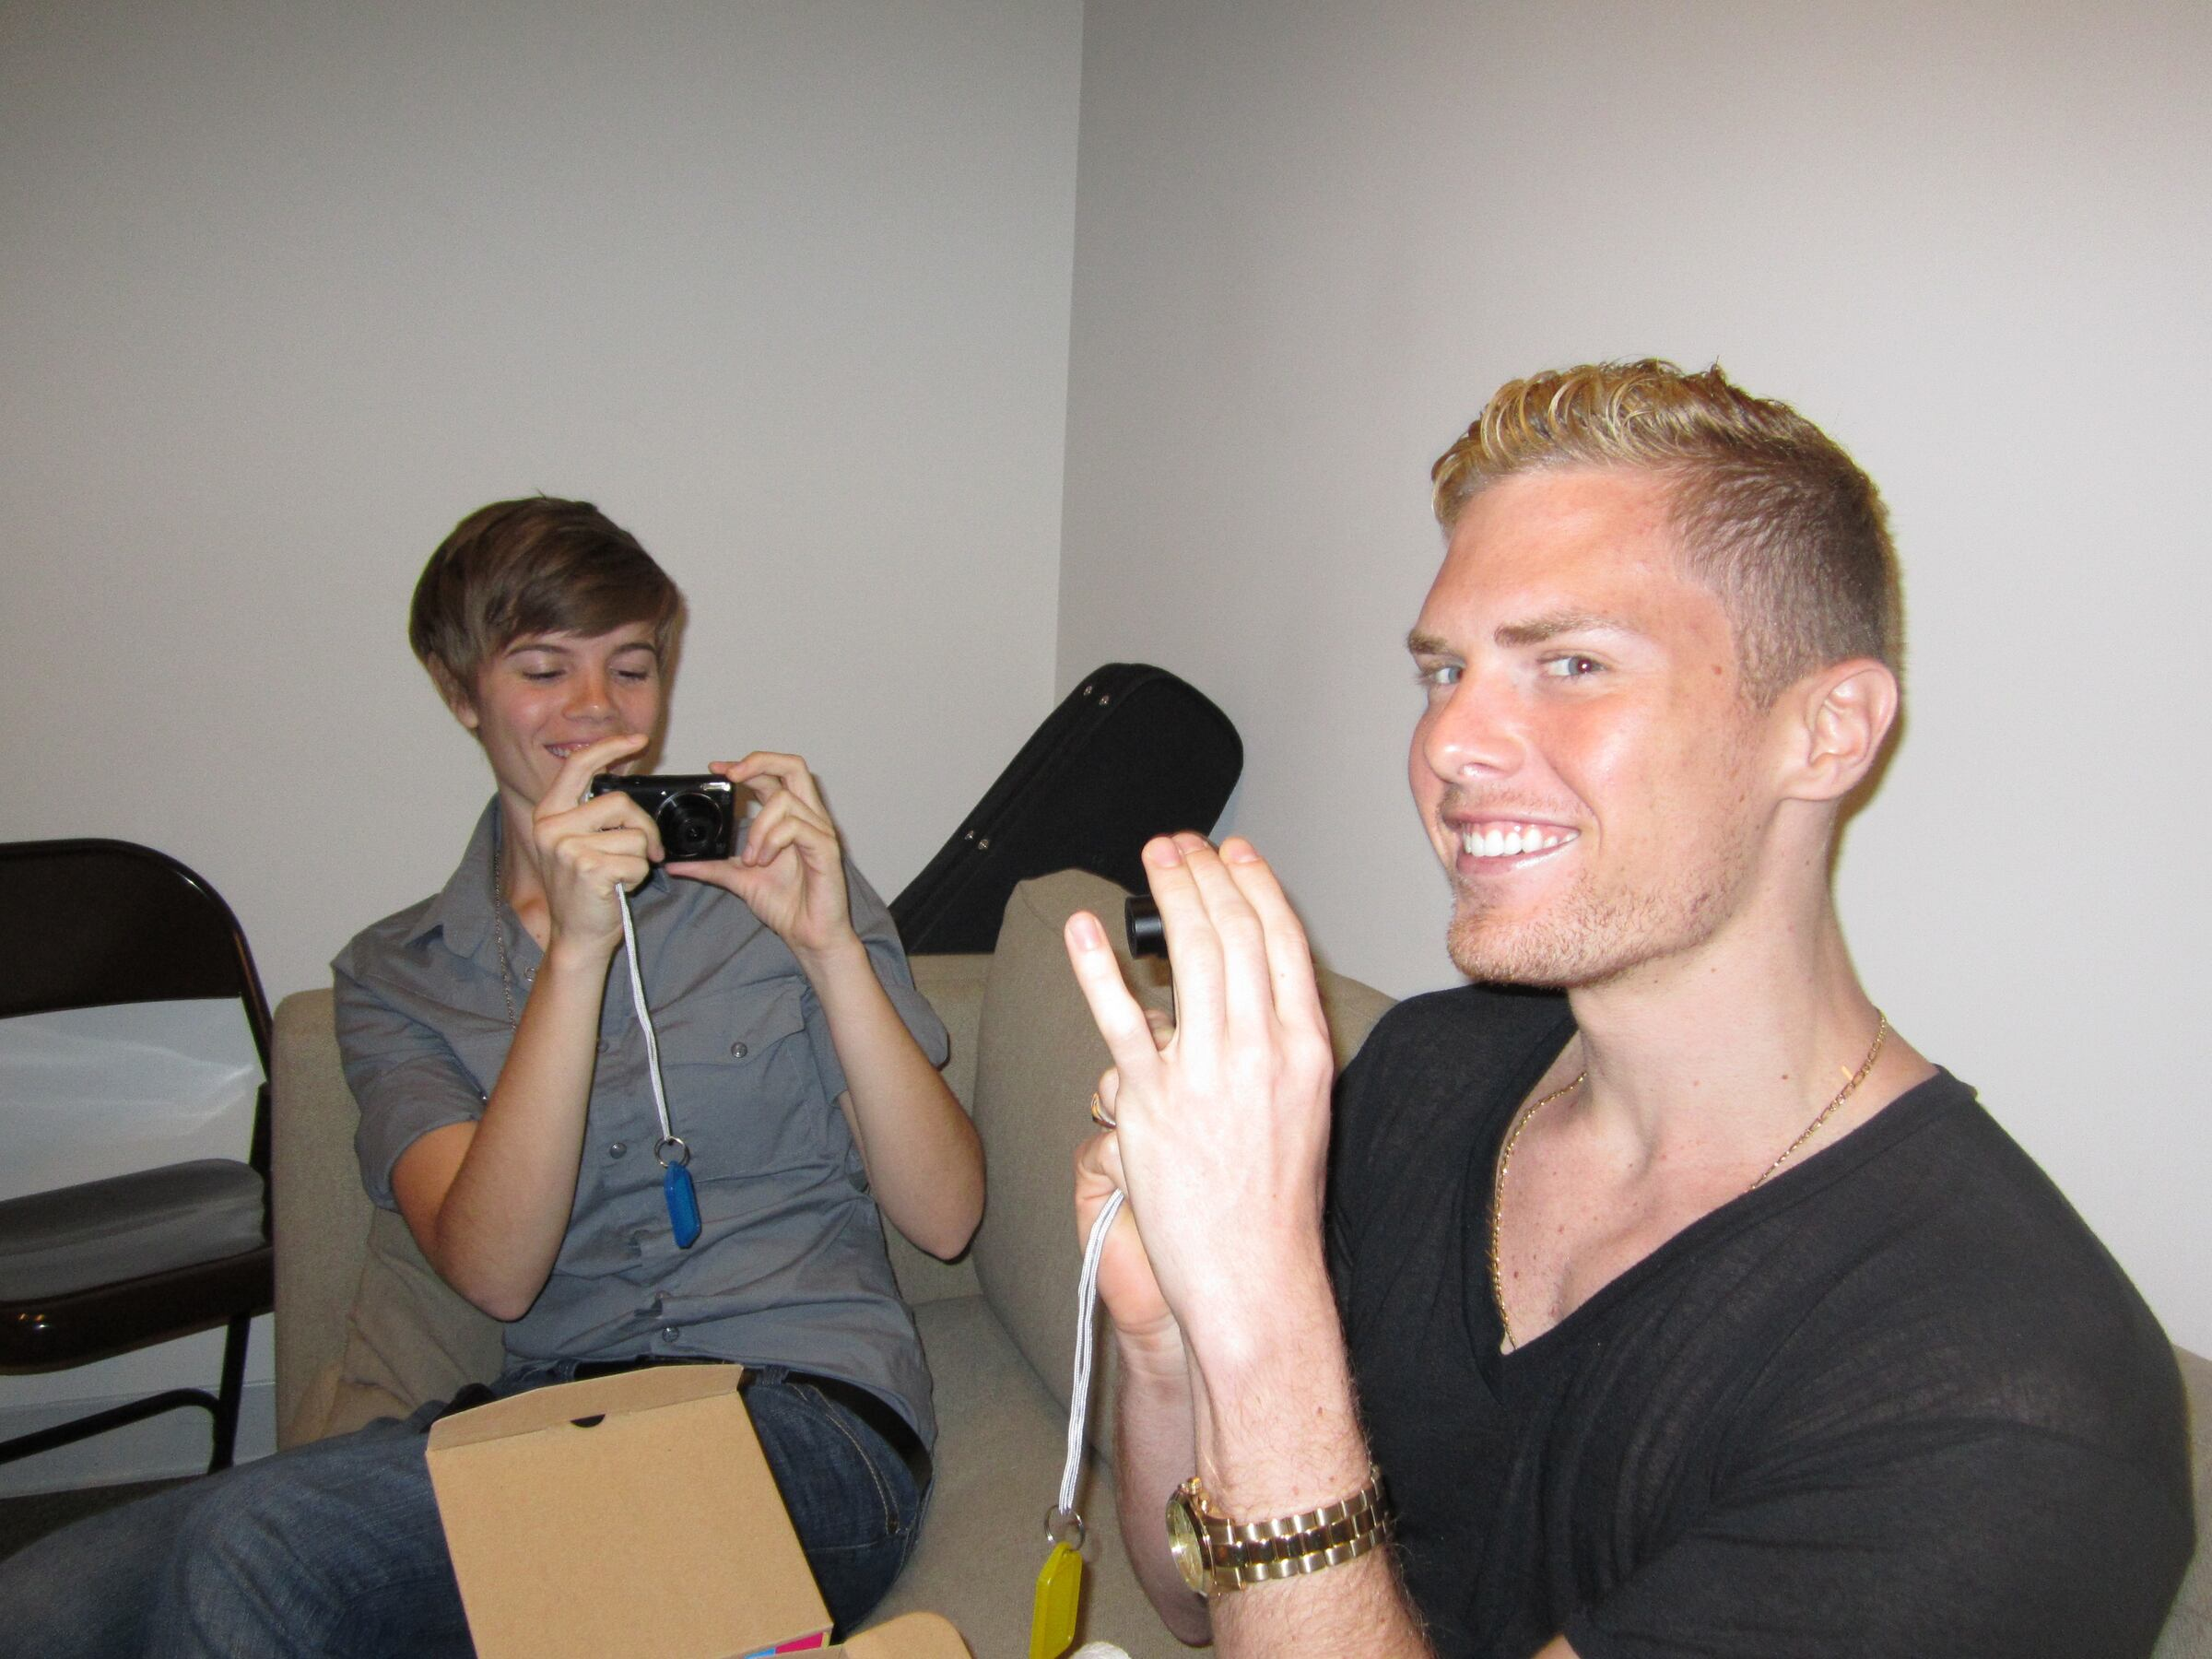 Steven Retchlesss & Dani Shay!! FIERCE